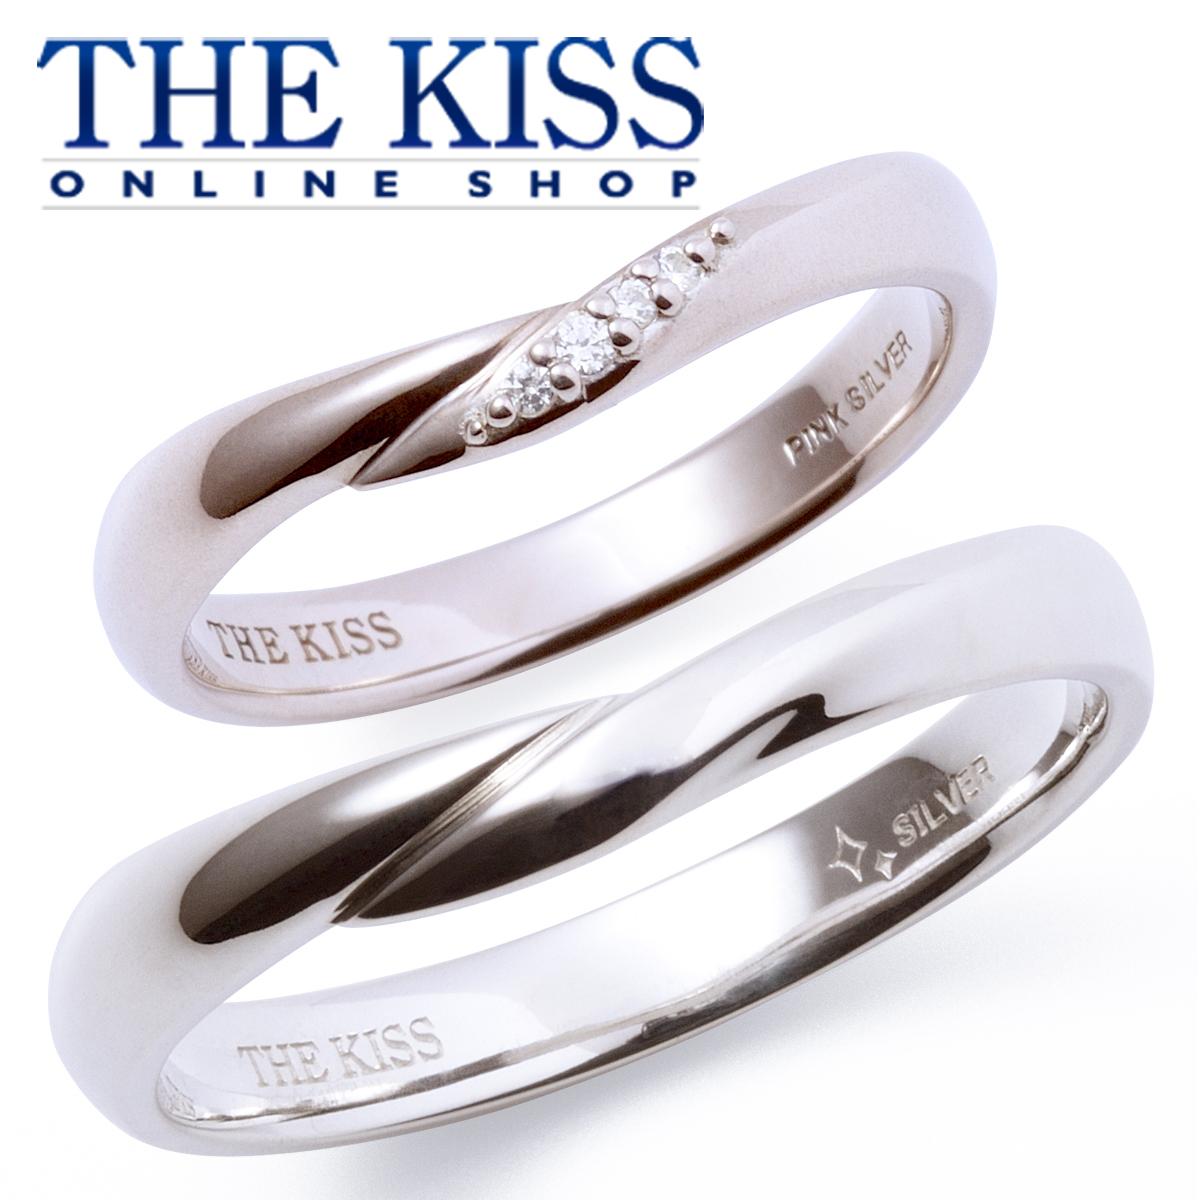 【刻印可_2文字】【あす楽対応】THE KISS 公式サイト シルバー ペアリング ペアアクセサリー カップル に 人気 の ジュエリーブランド THEKISS ペア リング・指輪 記念日 プレゼント PSV1323CB-PSR813 セット シンプル ザキス 【送料無料】